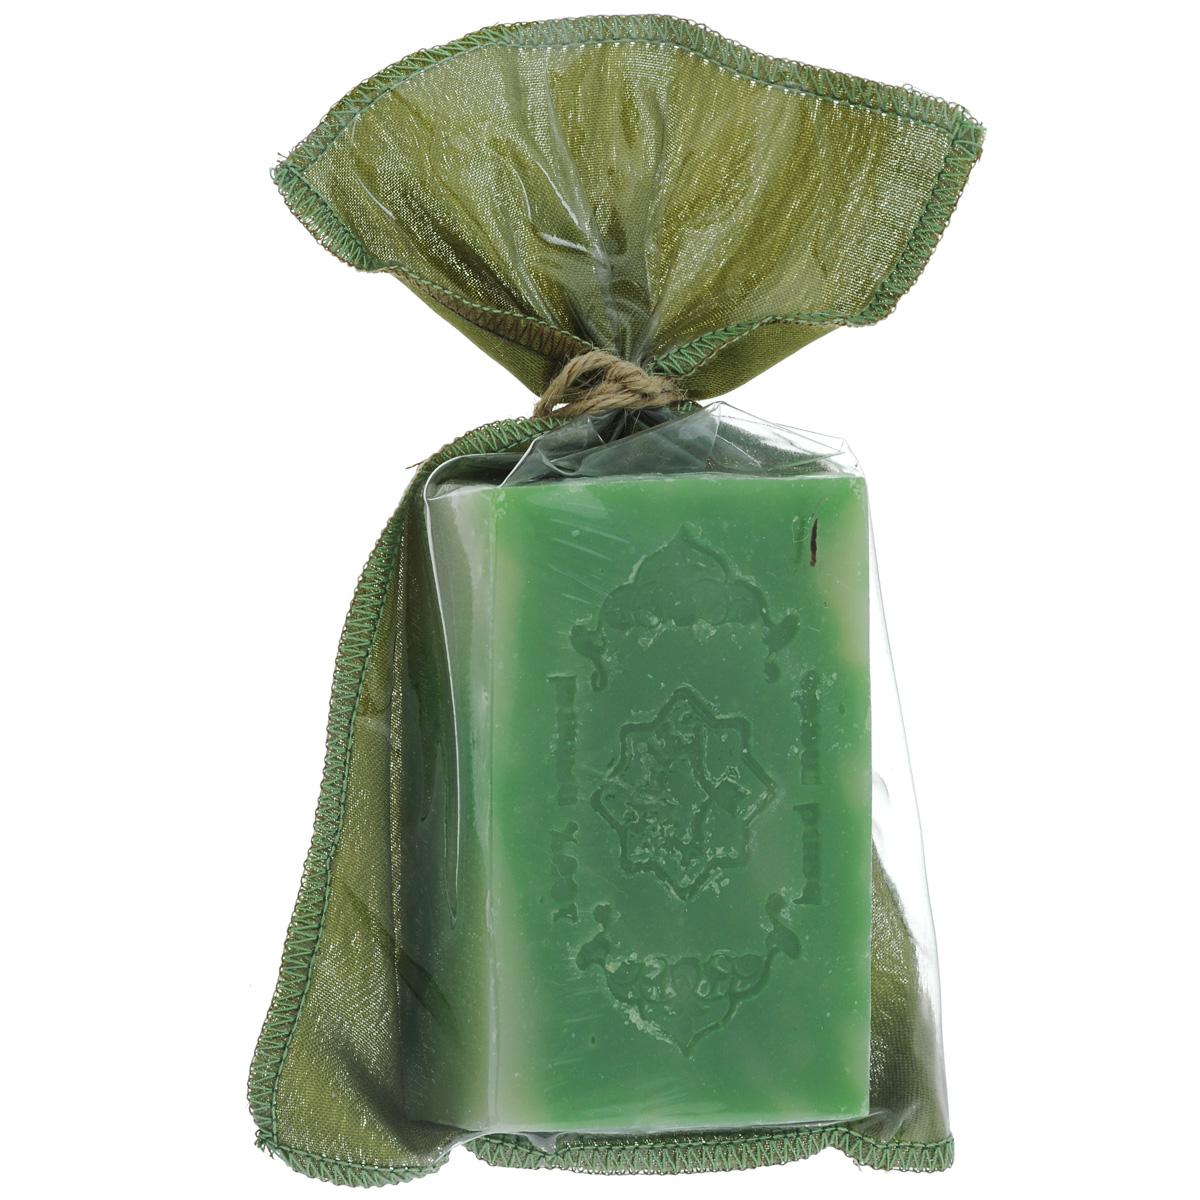 Зейтун Мыло Экстра №3 Зелёный мрамор, 150 гZ1103Отличное увлажняющее универсальное натуральное мыло для всех типов кожи. Отличается очень богатым составом ценных масел: маковое масло делает кожу мягкой, насыщает её влагой и стимулирует процессы регенерации; абрикосовое масло тонизирует кожу, делает её более упругой, придавая здоровый цвет и блеск.